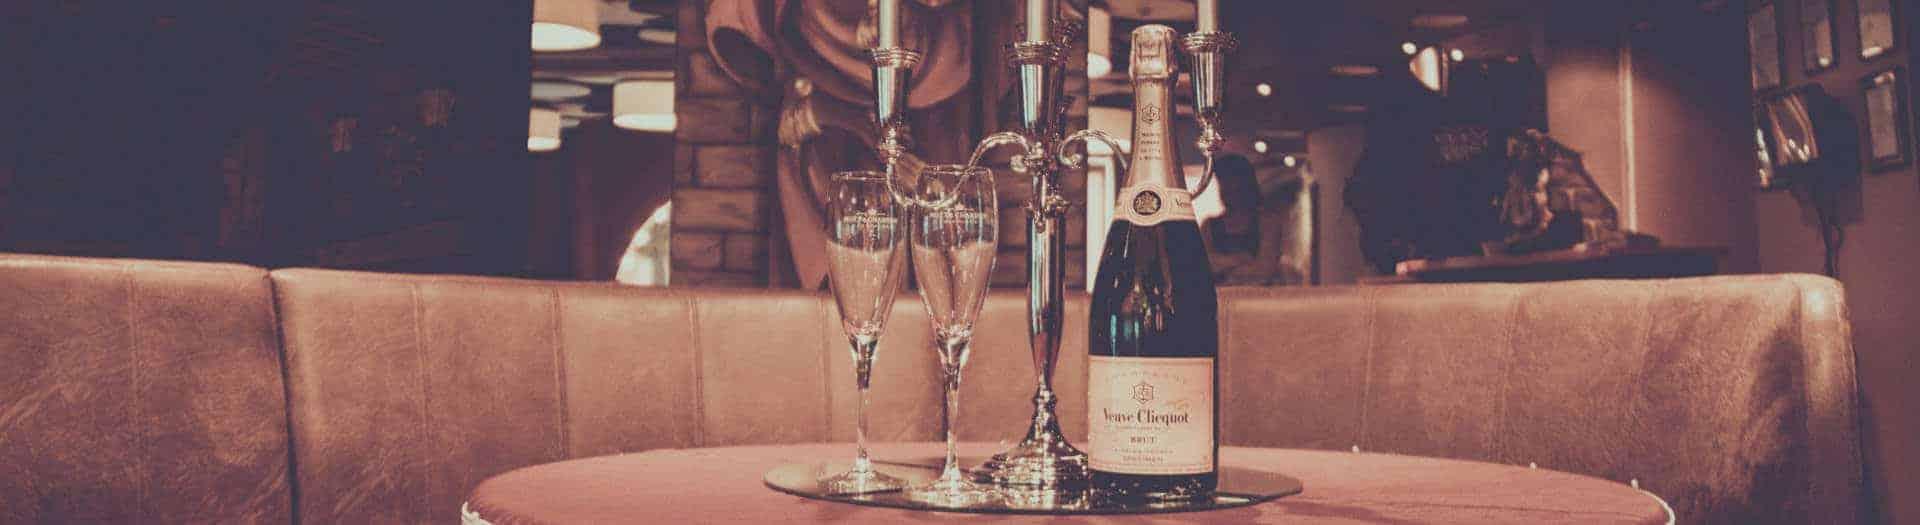 BritishFIZZ blog header - British Fizz - Did Britain invent Champagne?